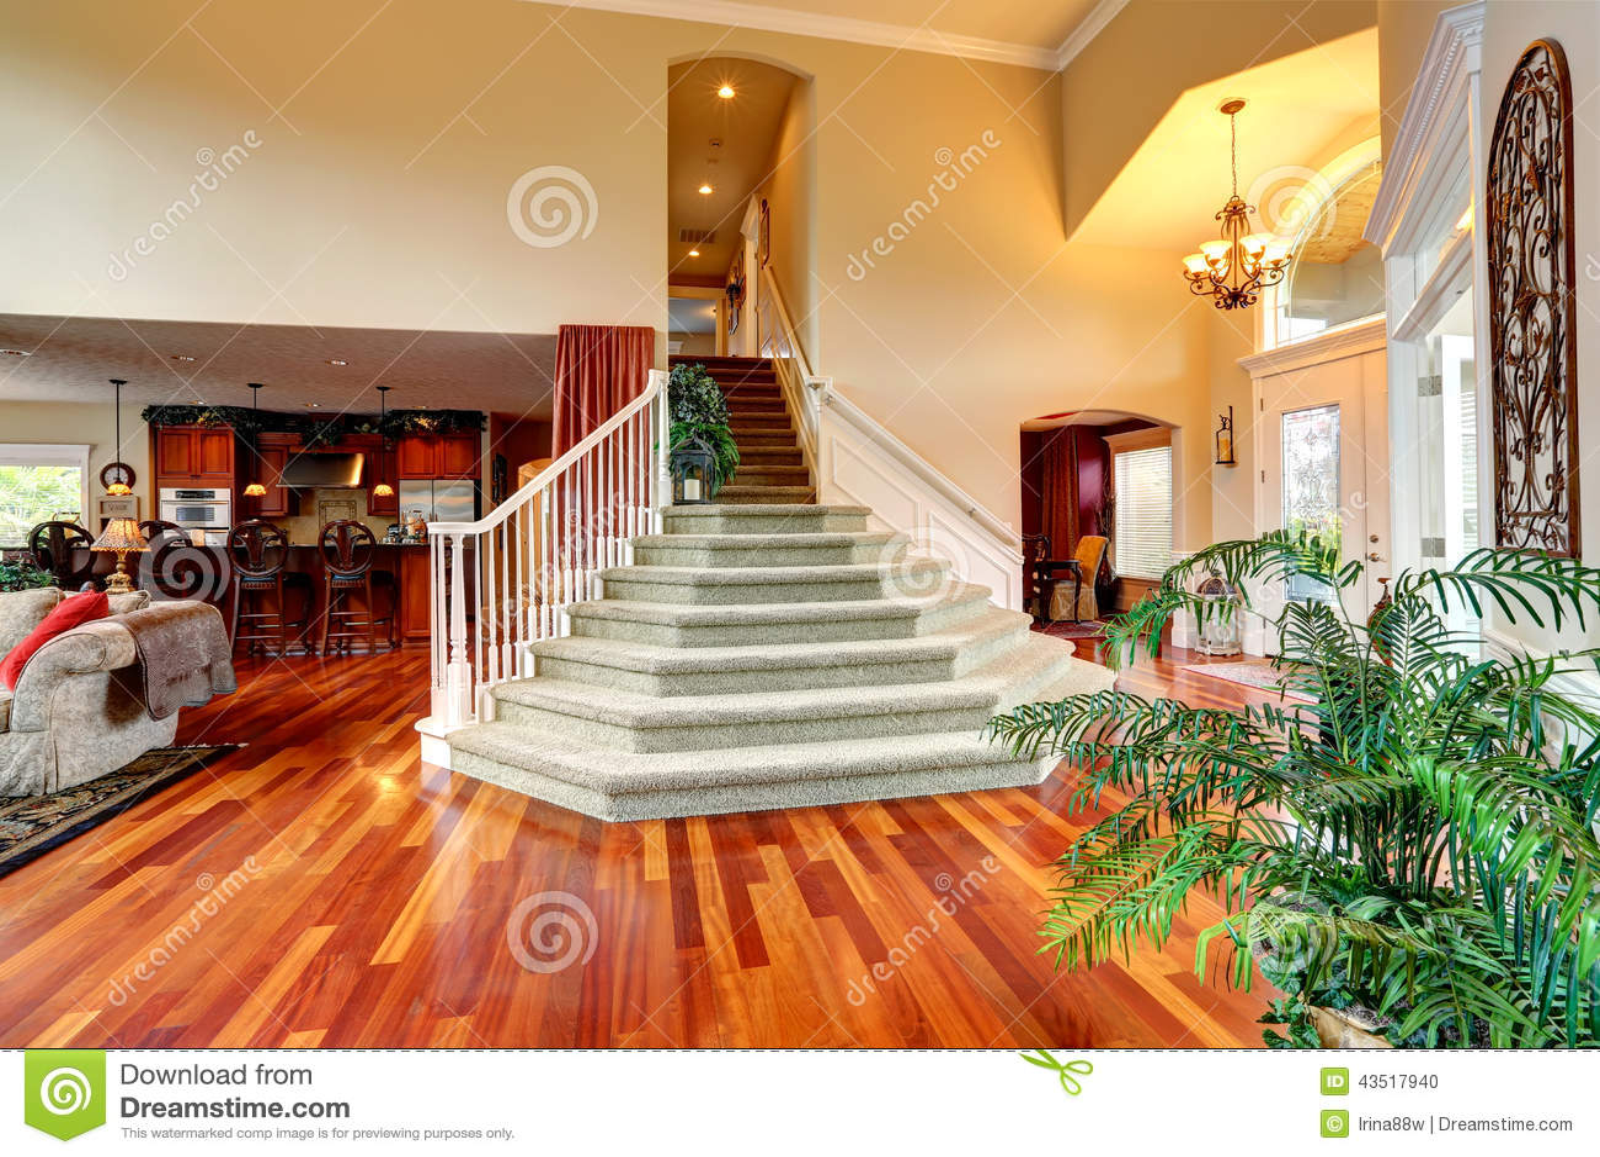 Int rieur de maison de luxe des photoa des photoa de fond for Interieur maison de luxe